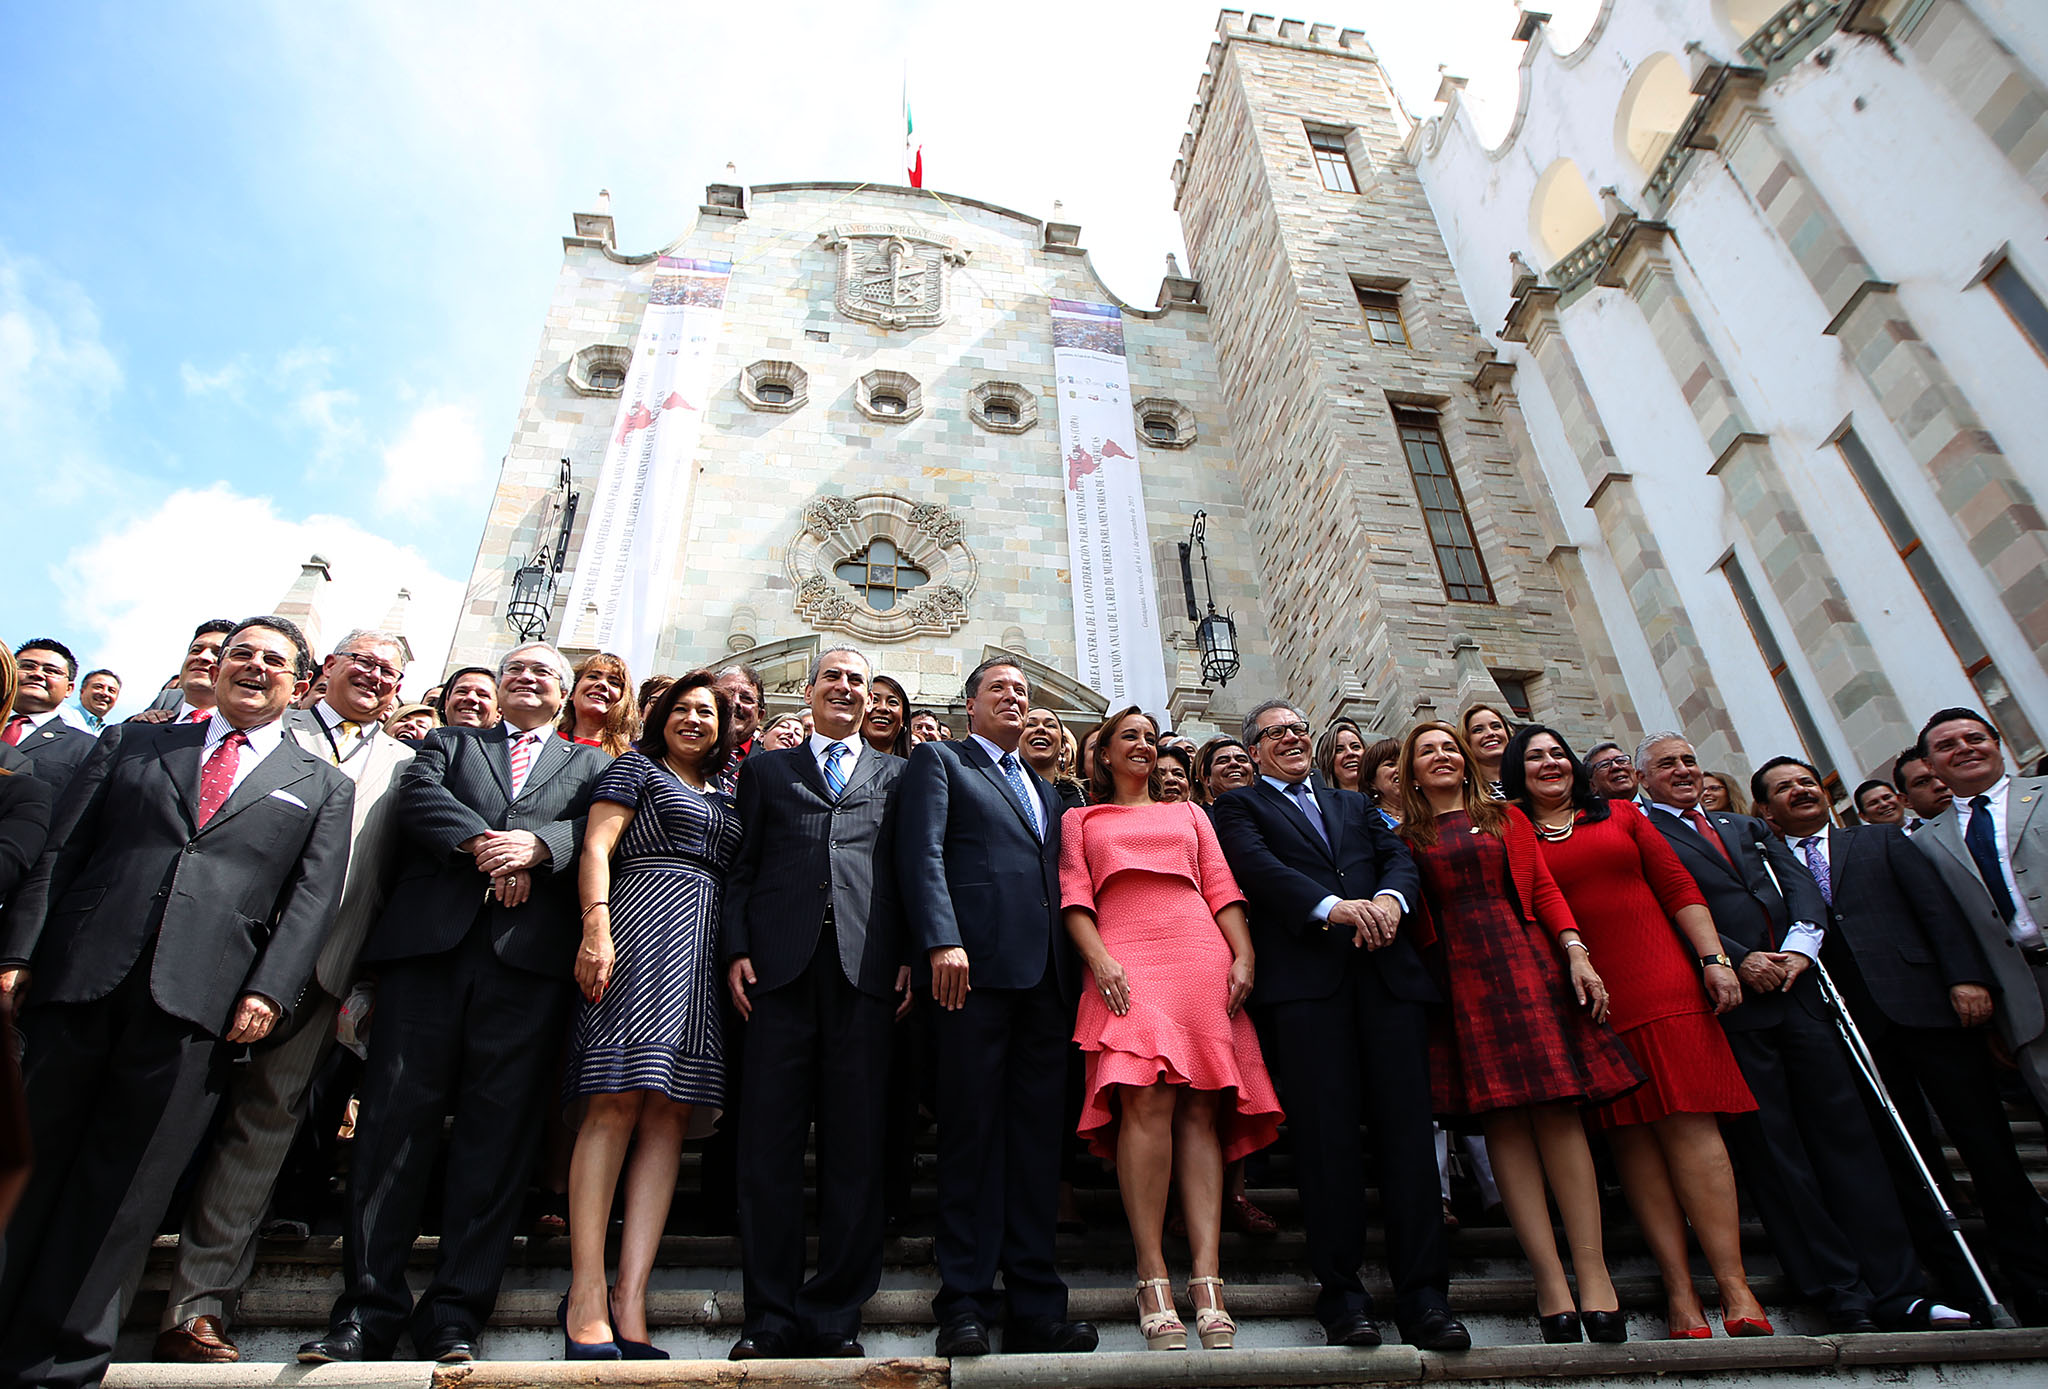 FOTO 3 XIV Asamblea General de la Confederaci n Parlamentaria de las Am ricas.jpg